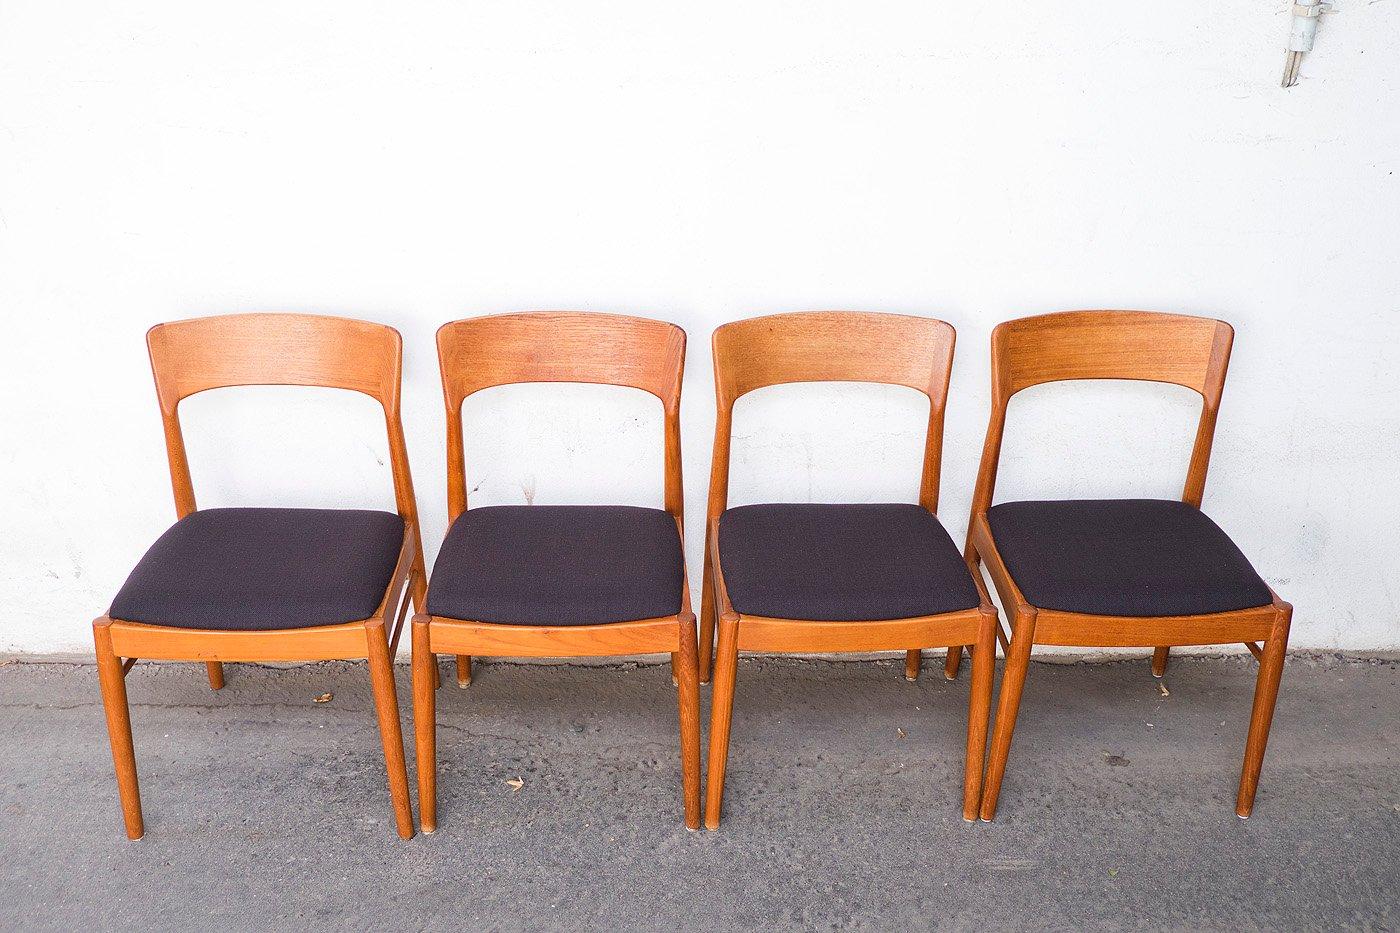 d nische teak st hle von kai kristiansen f r korup stolefabrik 1960er 4er set bei pamono kaufen. Black Bedroom Furniture Sets. Home Design Ideas